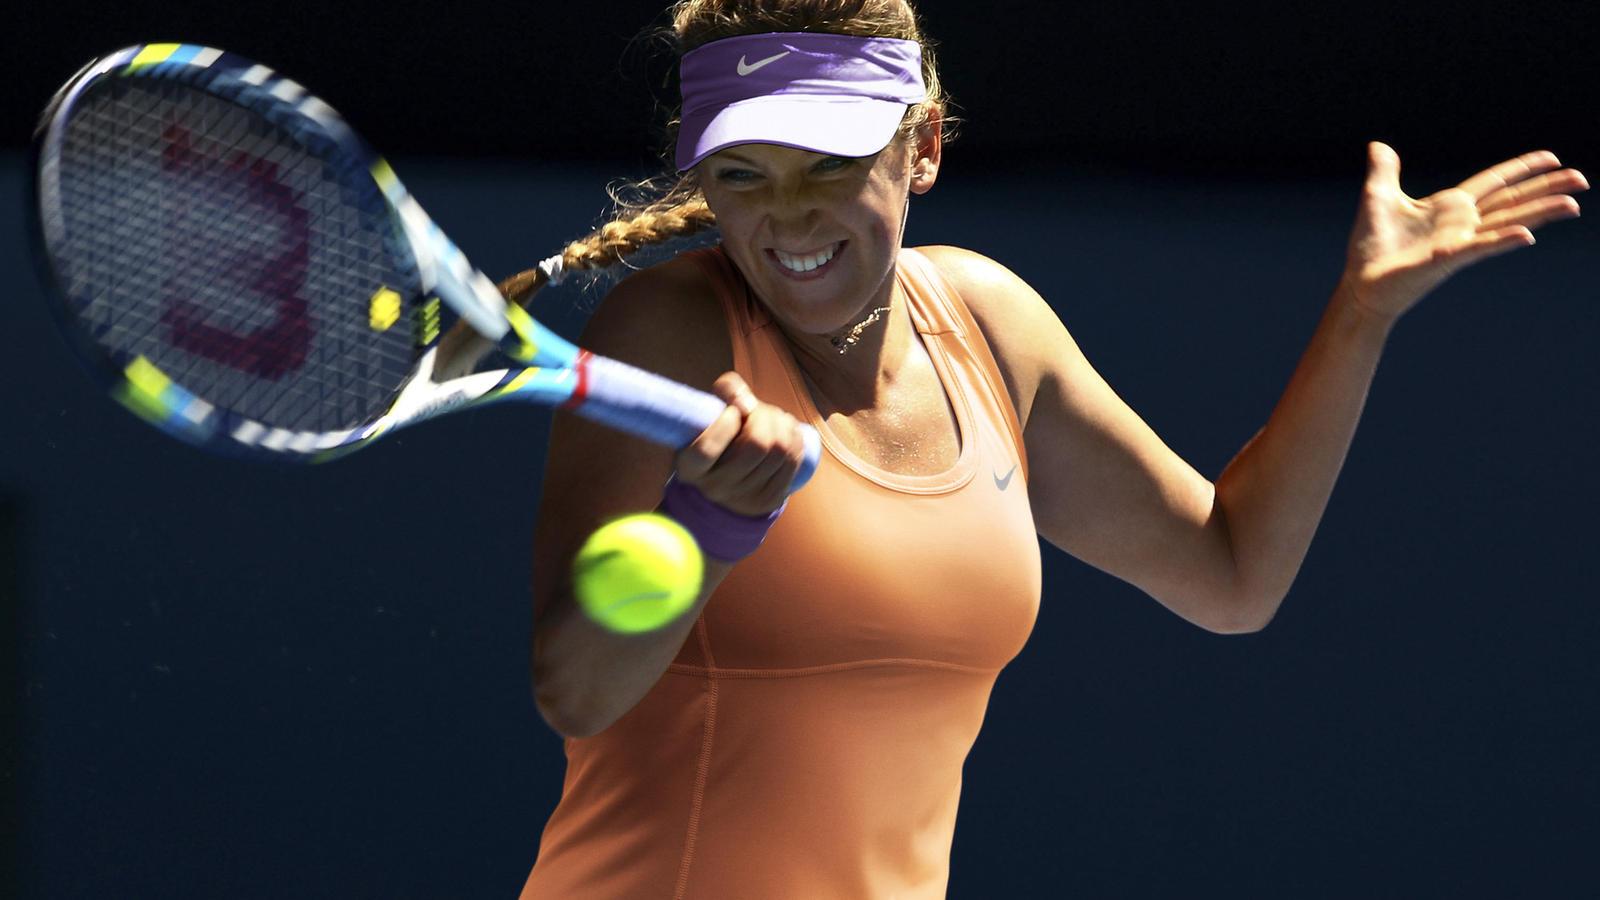 Vika_Azarenka_Australian_Open_2013